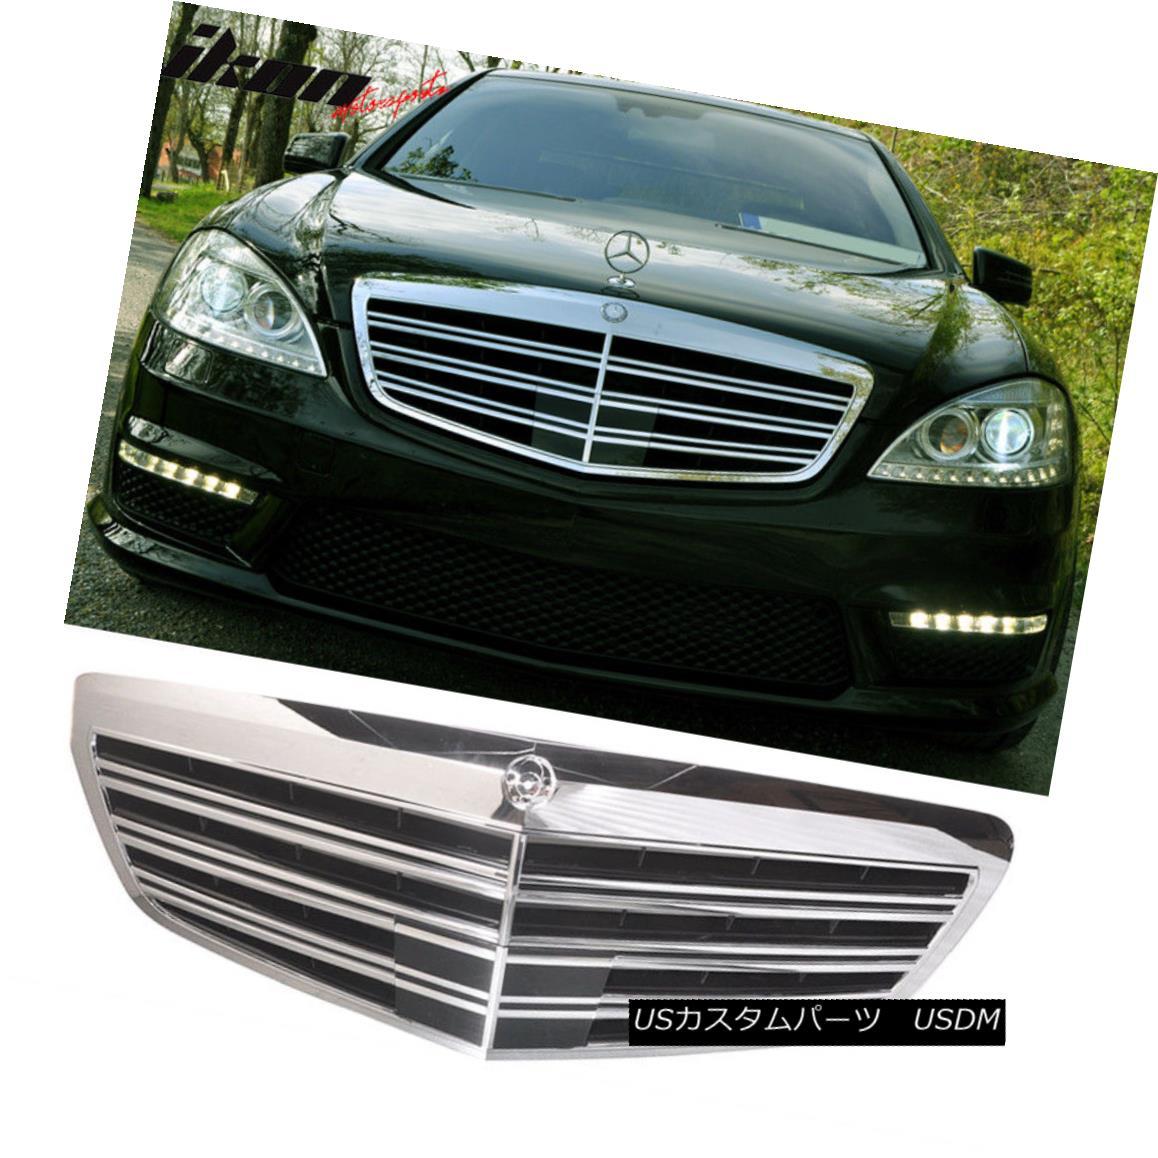 グリル Fits Mercedes Benz W221 S Class 07-13 Bumper Hood Front AMG Conversion Grille フィットメルセデスベンツW221 Sクラス07-13バンパーフードフロントAMG変換グリル